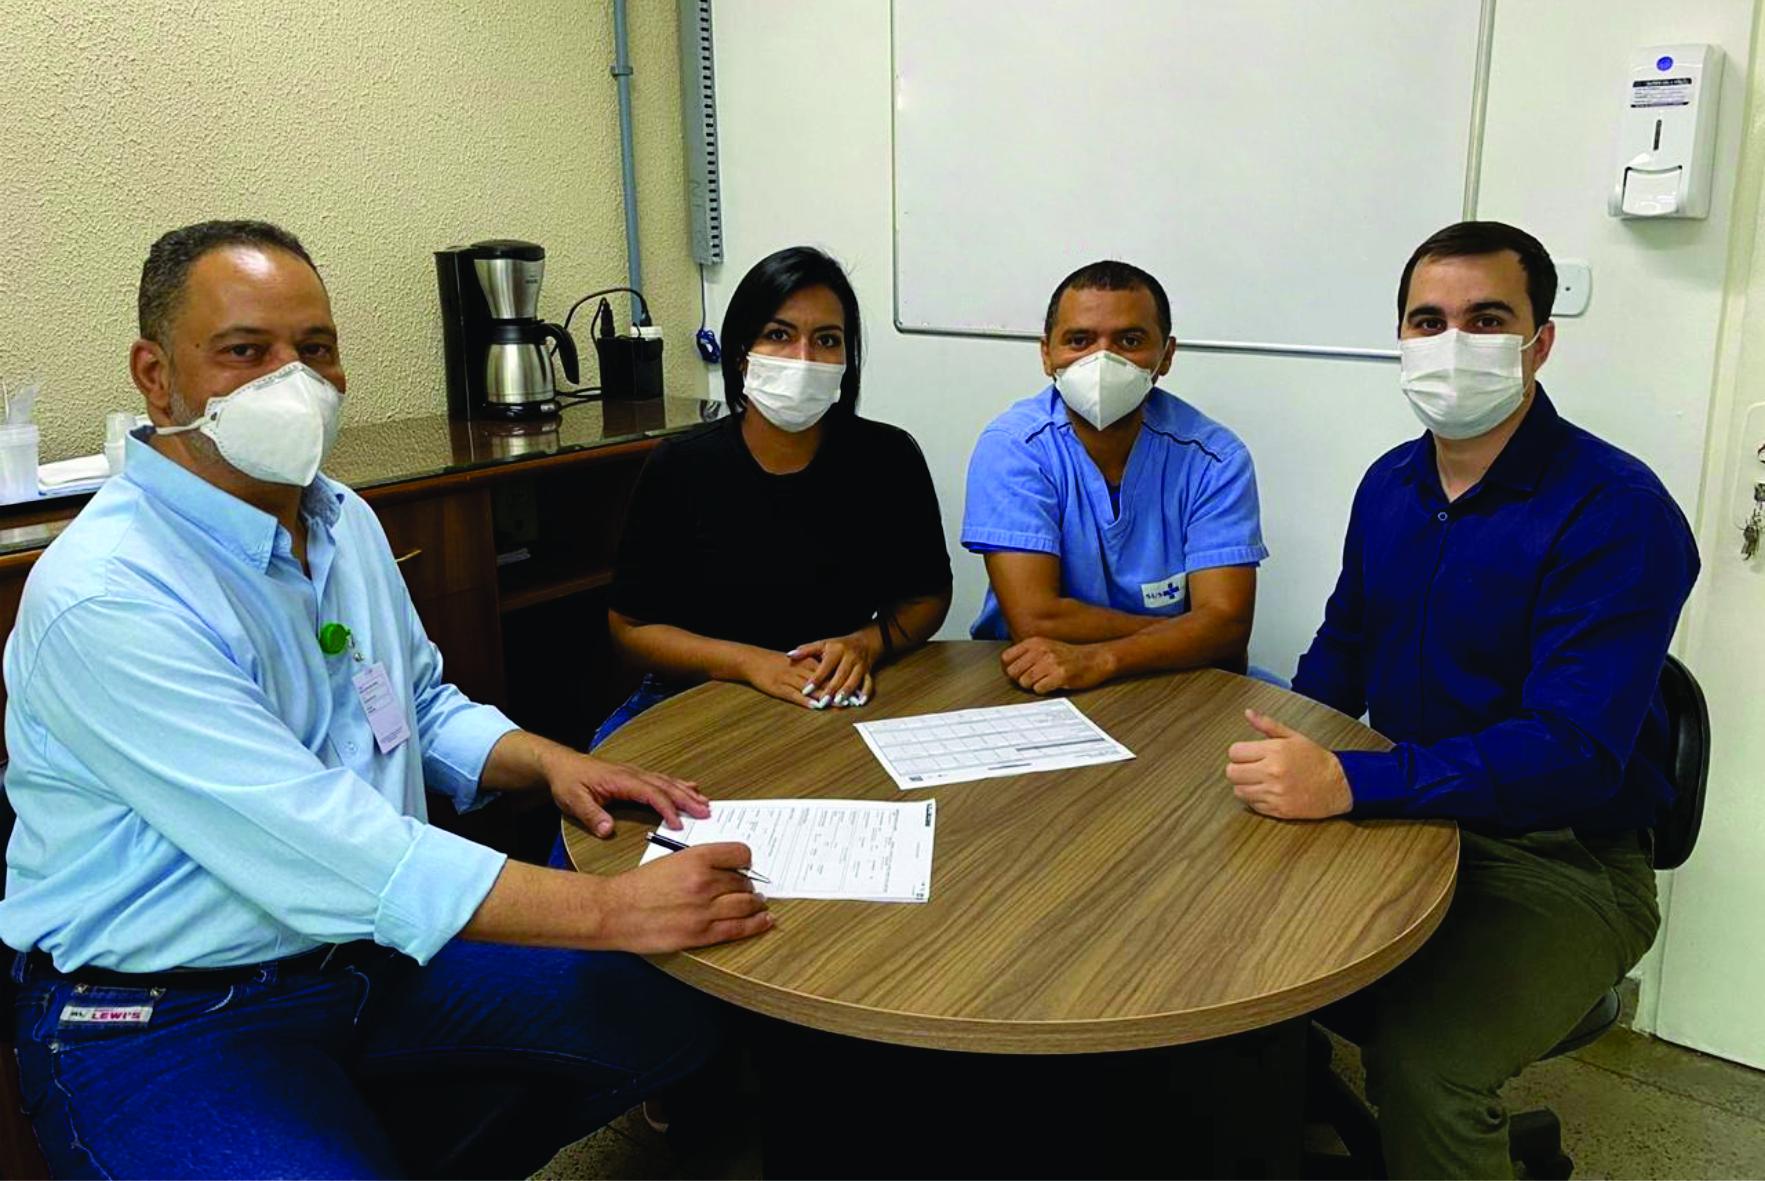 São Luís: HESLMB possui núcleo de estudo para minimizar e identificar possíveis casos de Covid-19